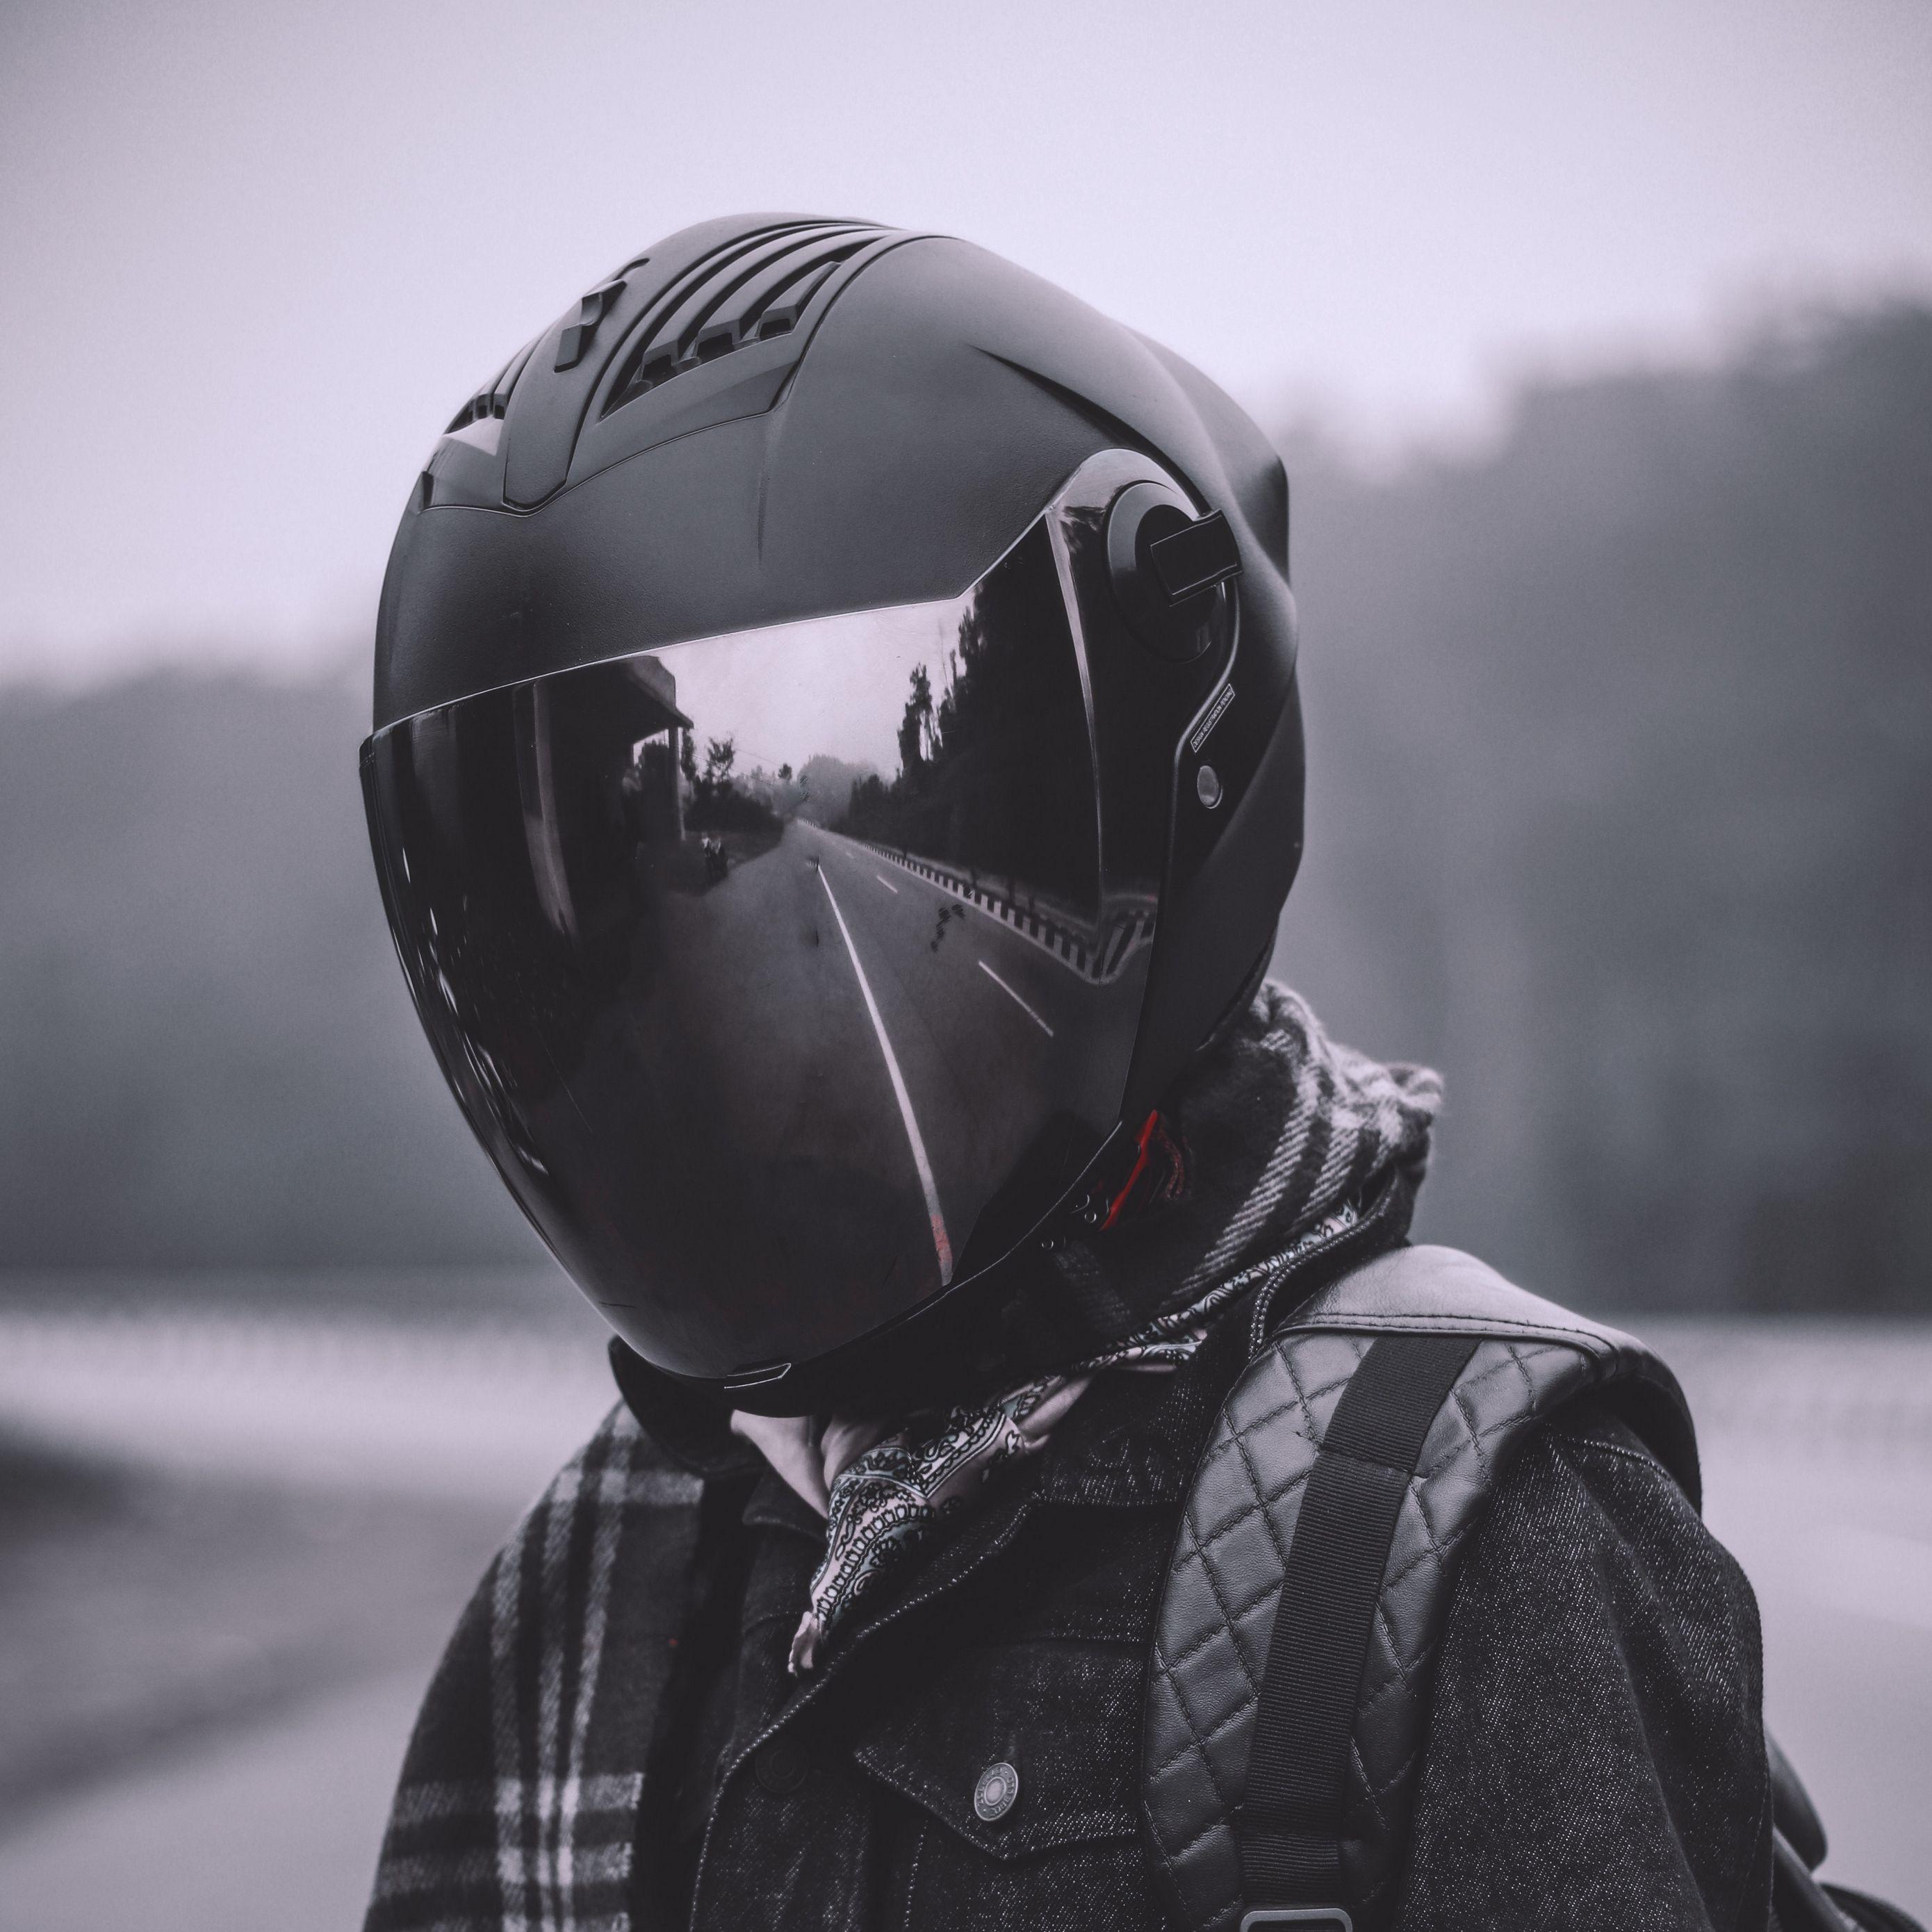 чувак в шлеме фото дизайнеры имеют многолетний